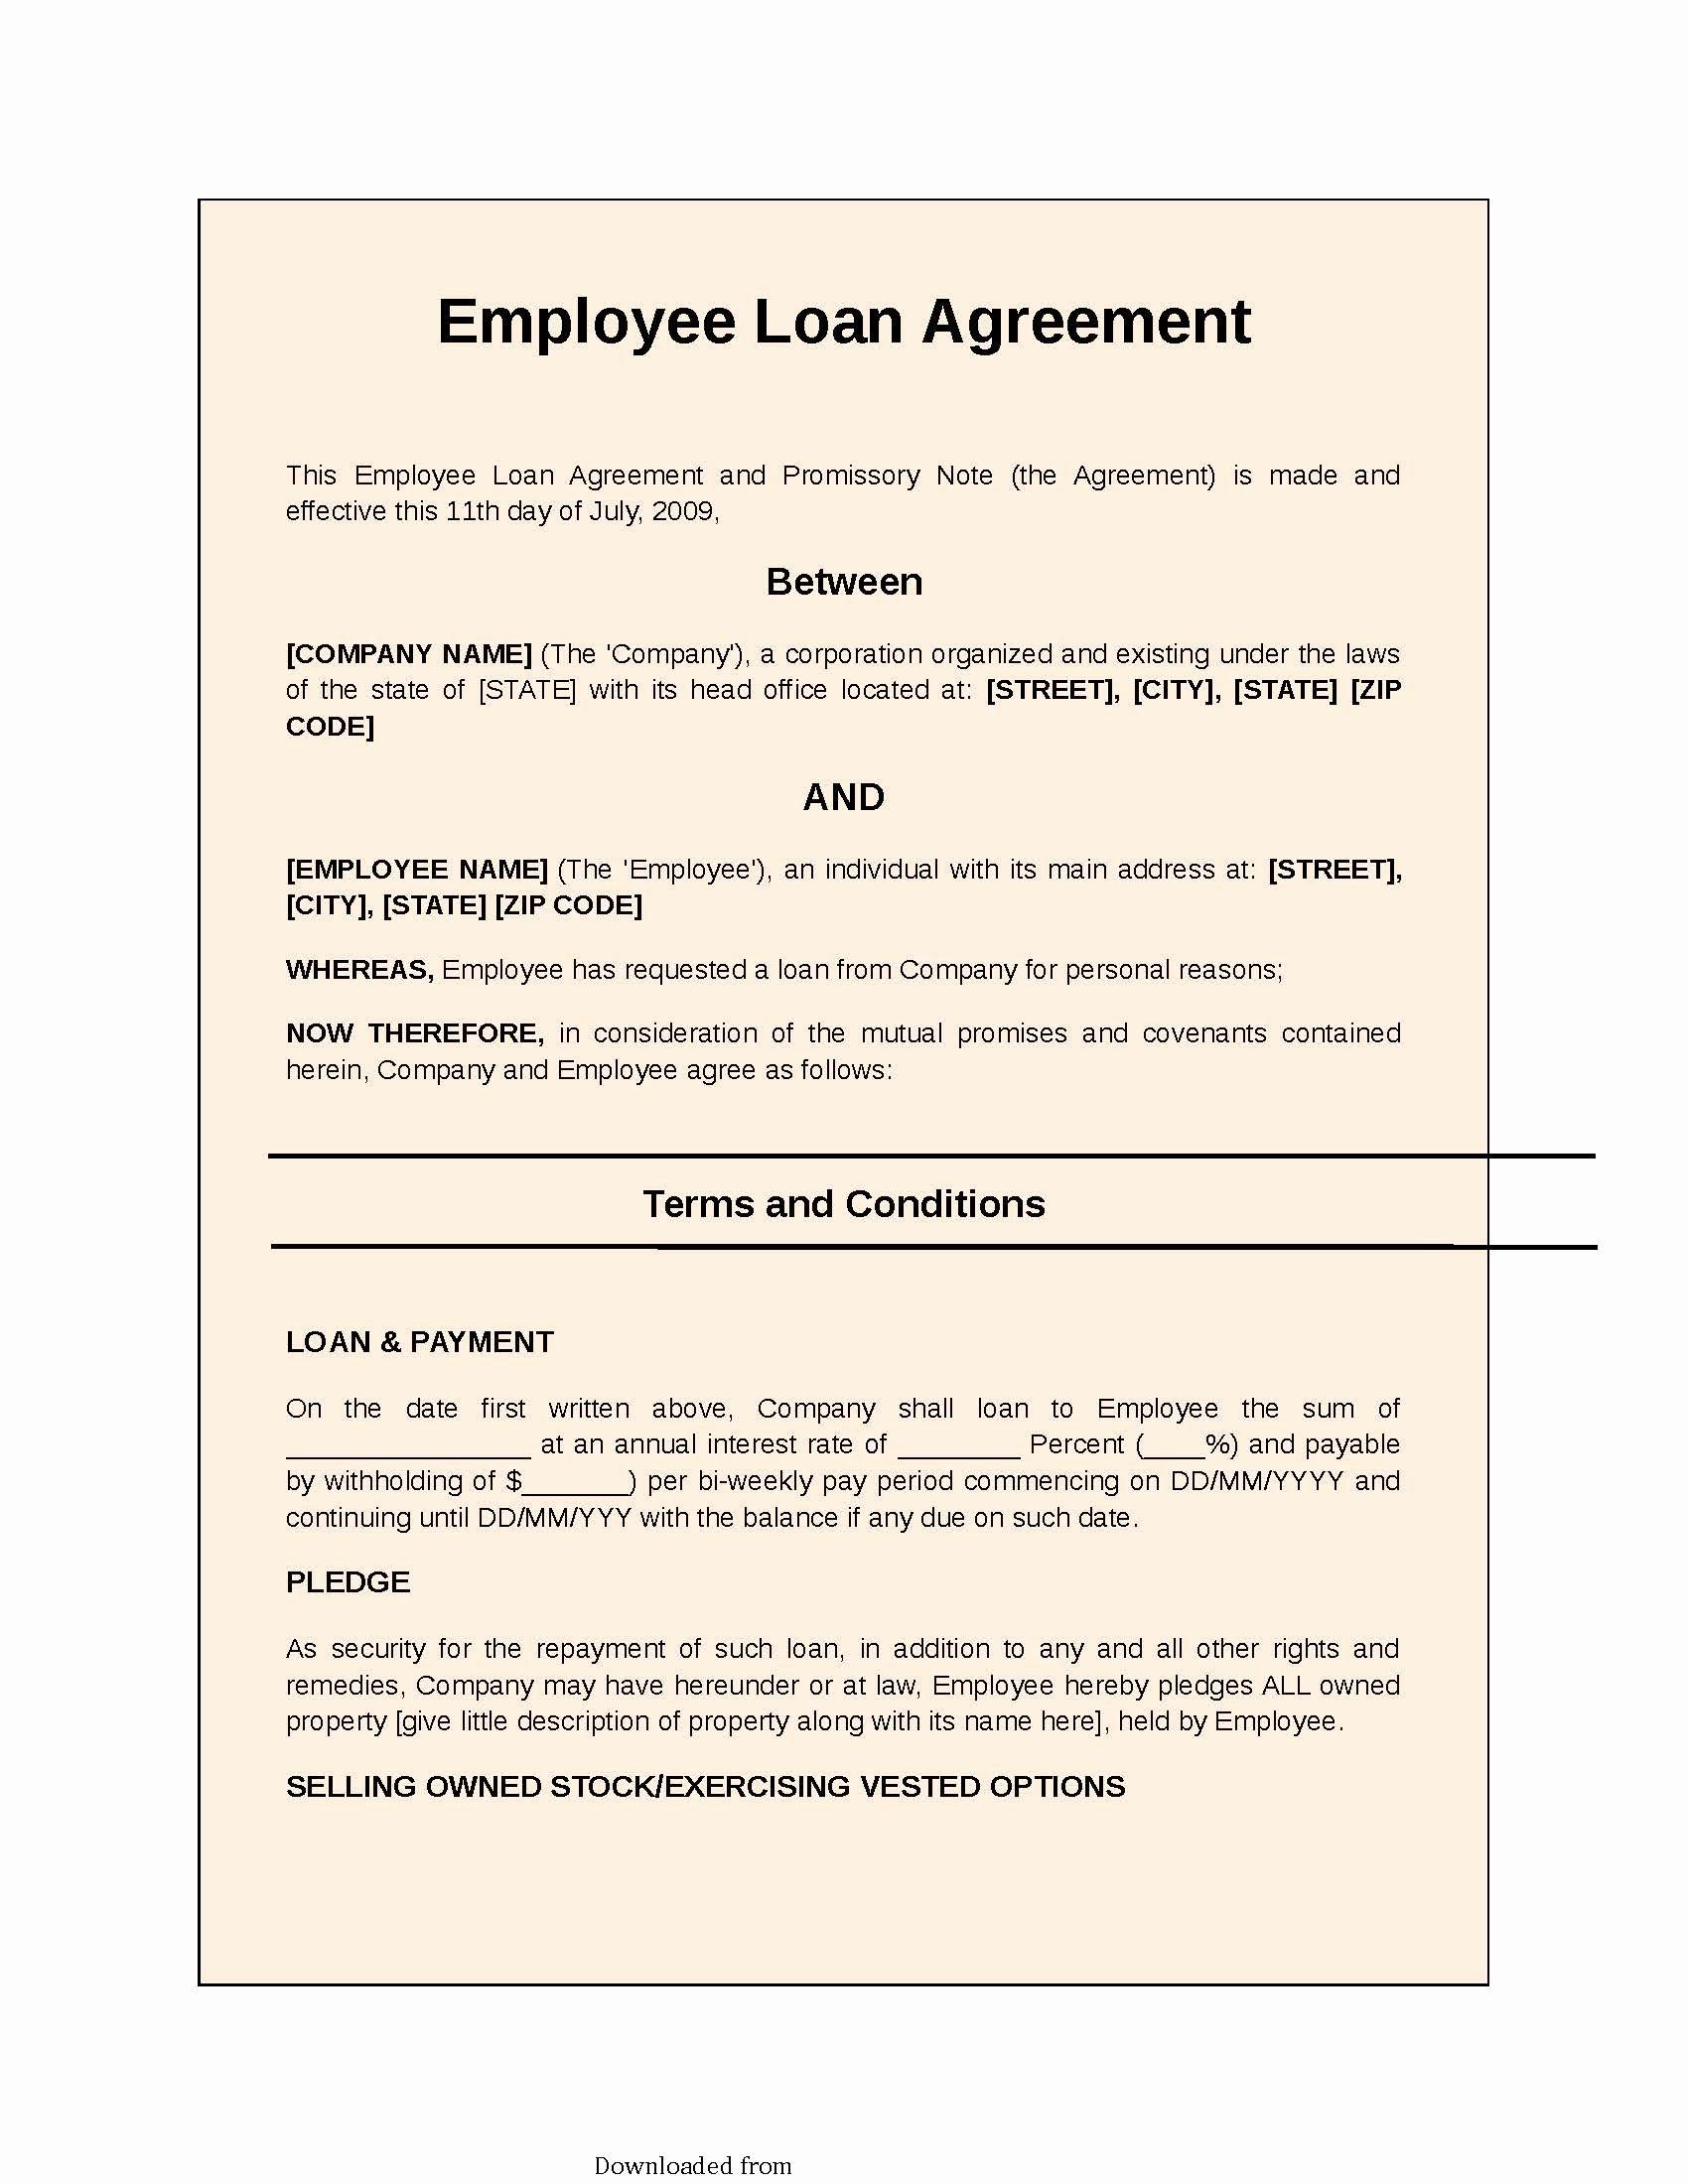 Employees Loan Agreement Inspirational Employee Loan Agreement 2 Pdf format